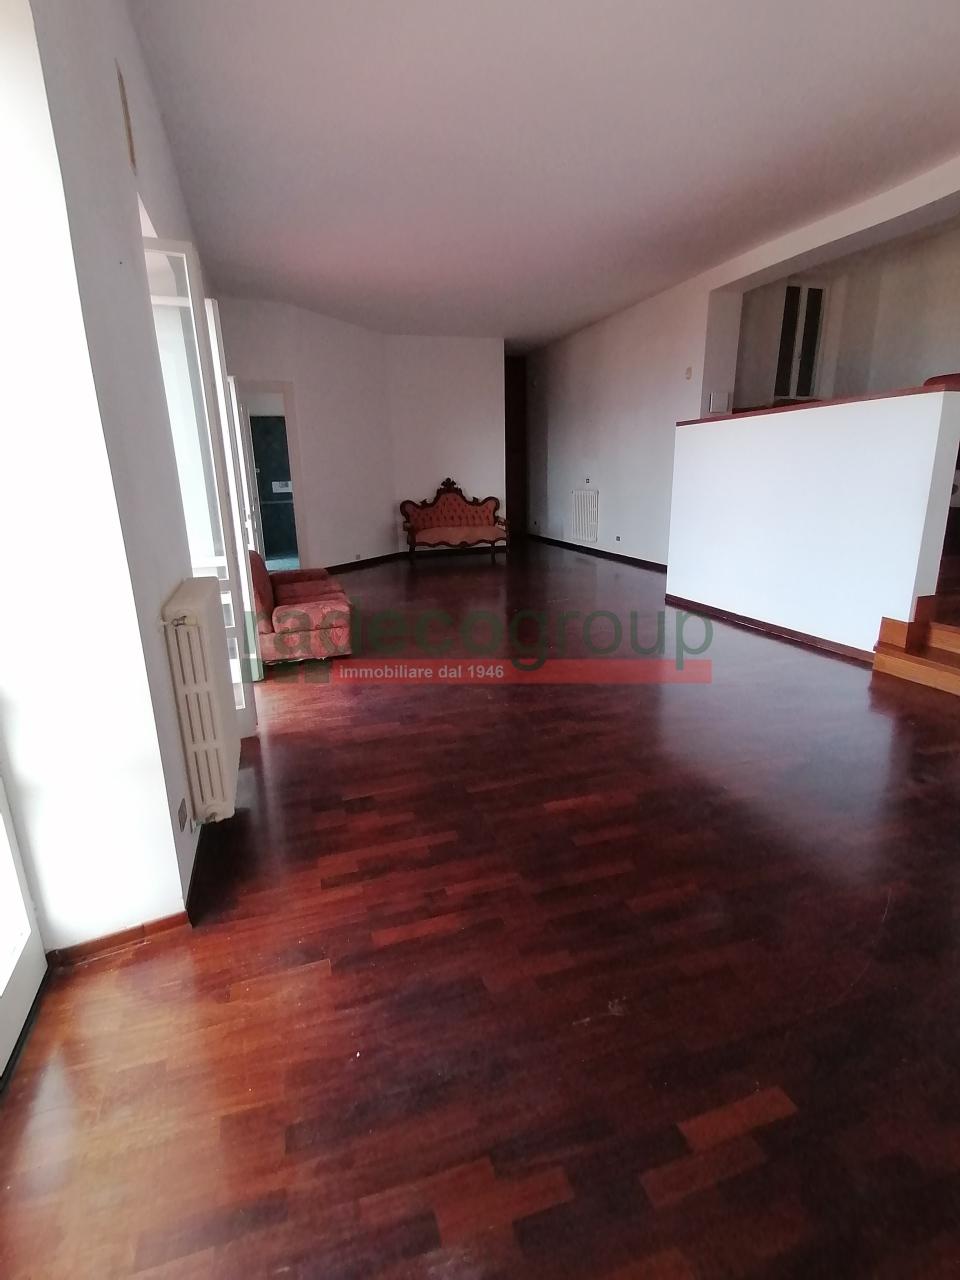 Appartamento - Antignano, Livorno (12/16)